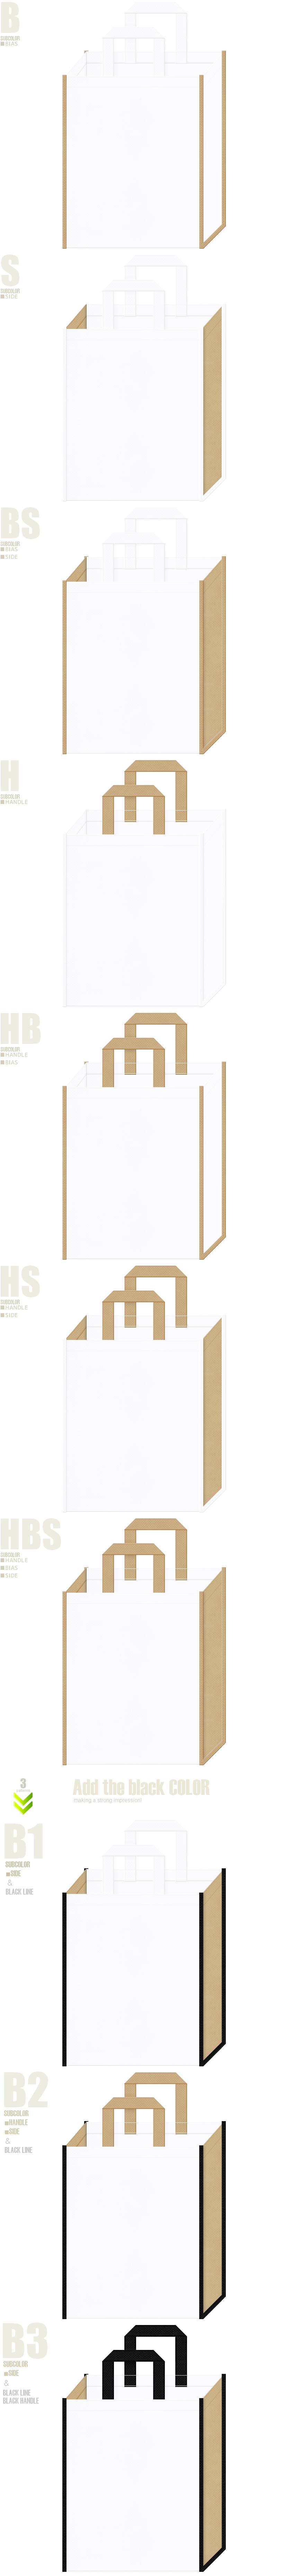 ペットショップ・ペットサロン・手芸・木工・DIYイベントにお奨めの不織布バッグデザイン:白色とカーキ色のコーデ10パターン